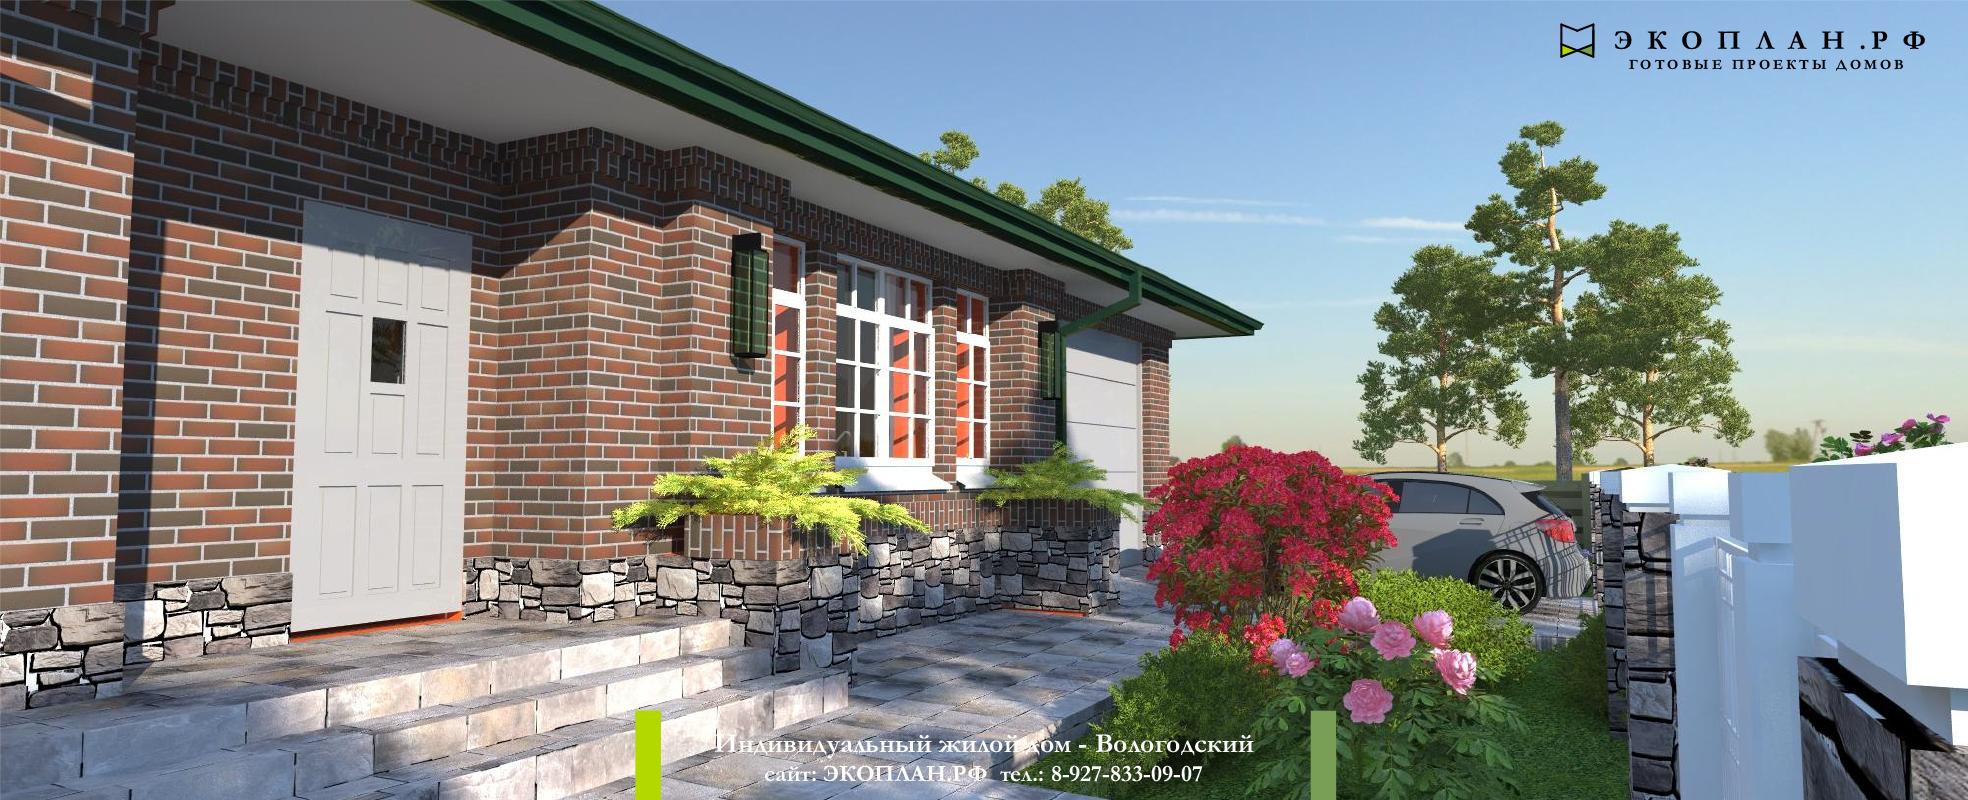 Вологодский - Готовый проект дома - Экоплан фасад